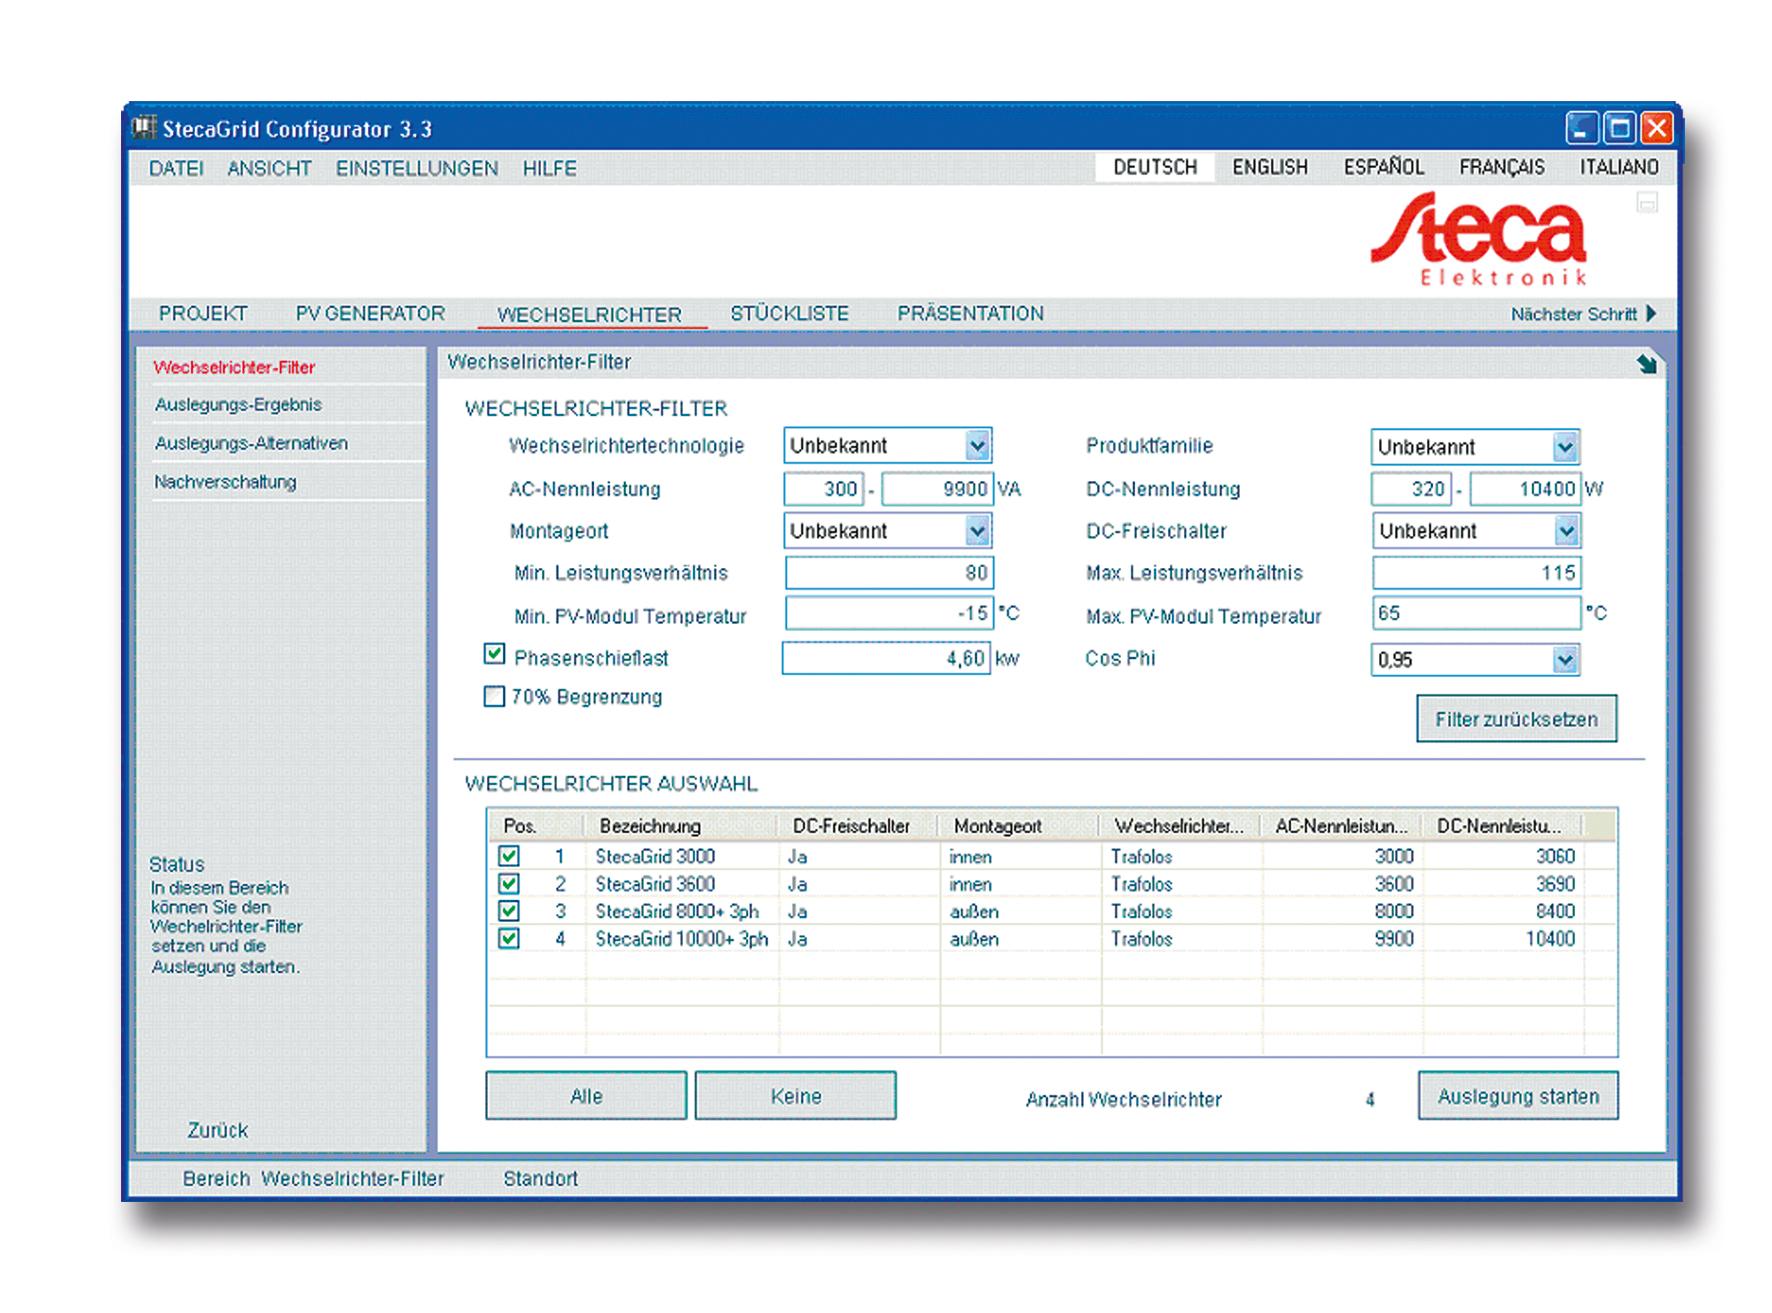 StecaGrid Configurator 3.3 picture.jpg